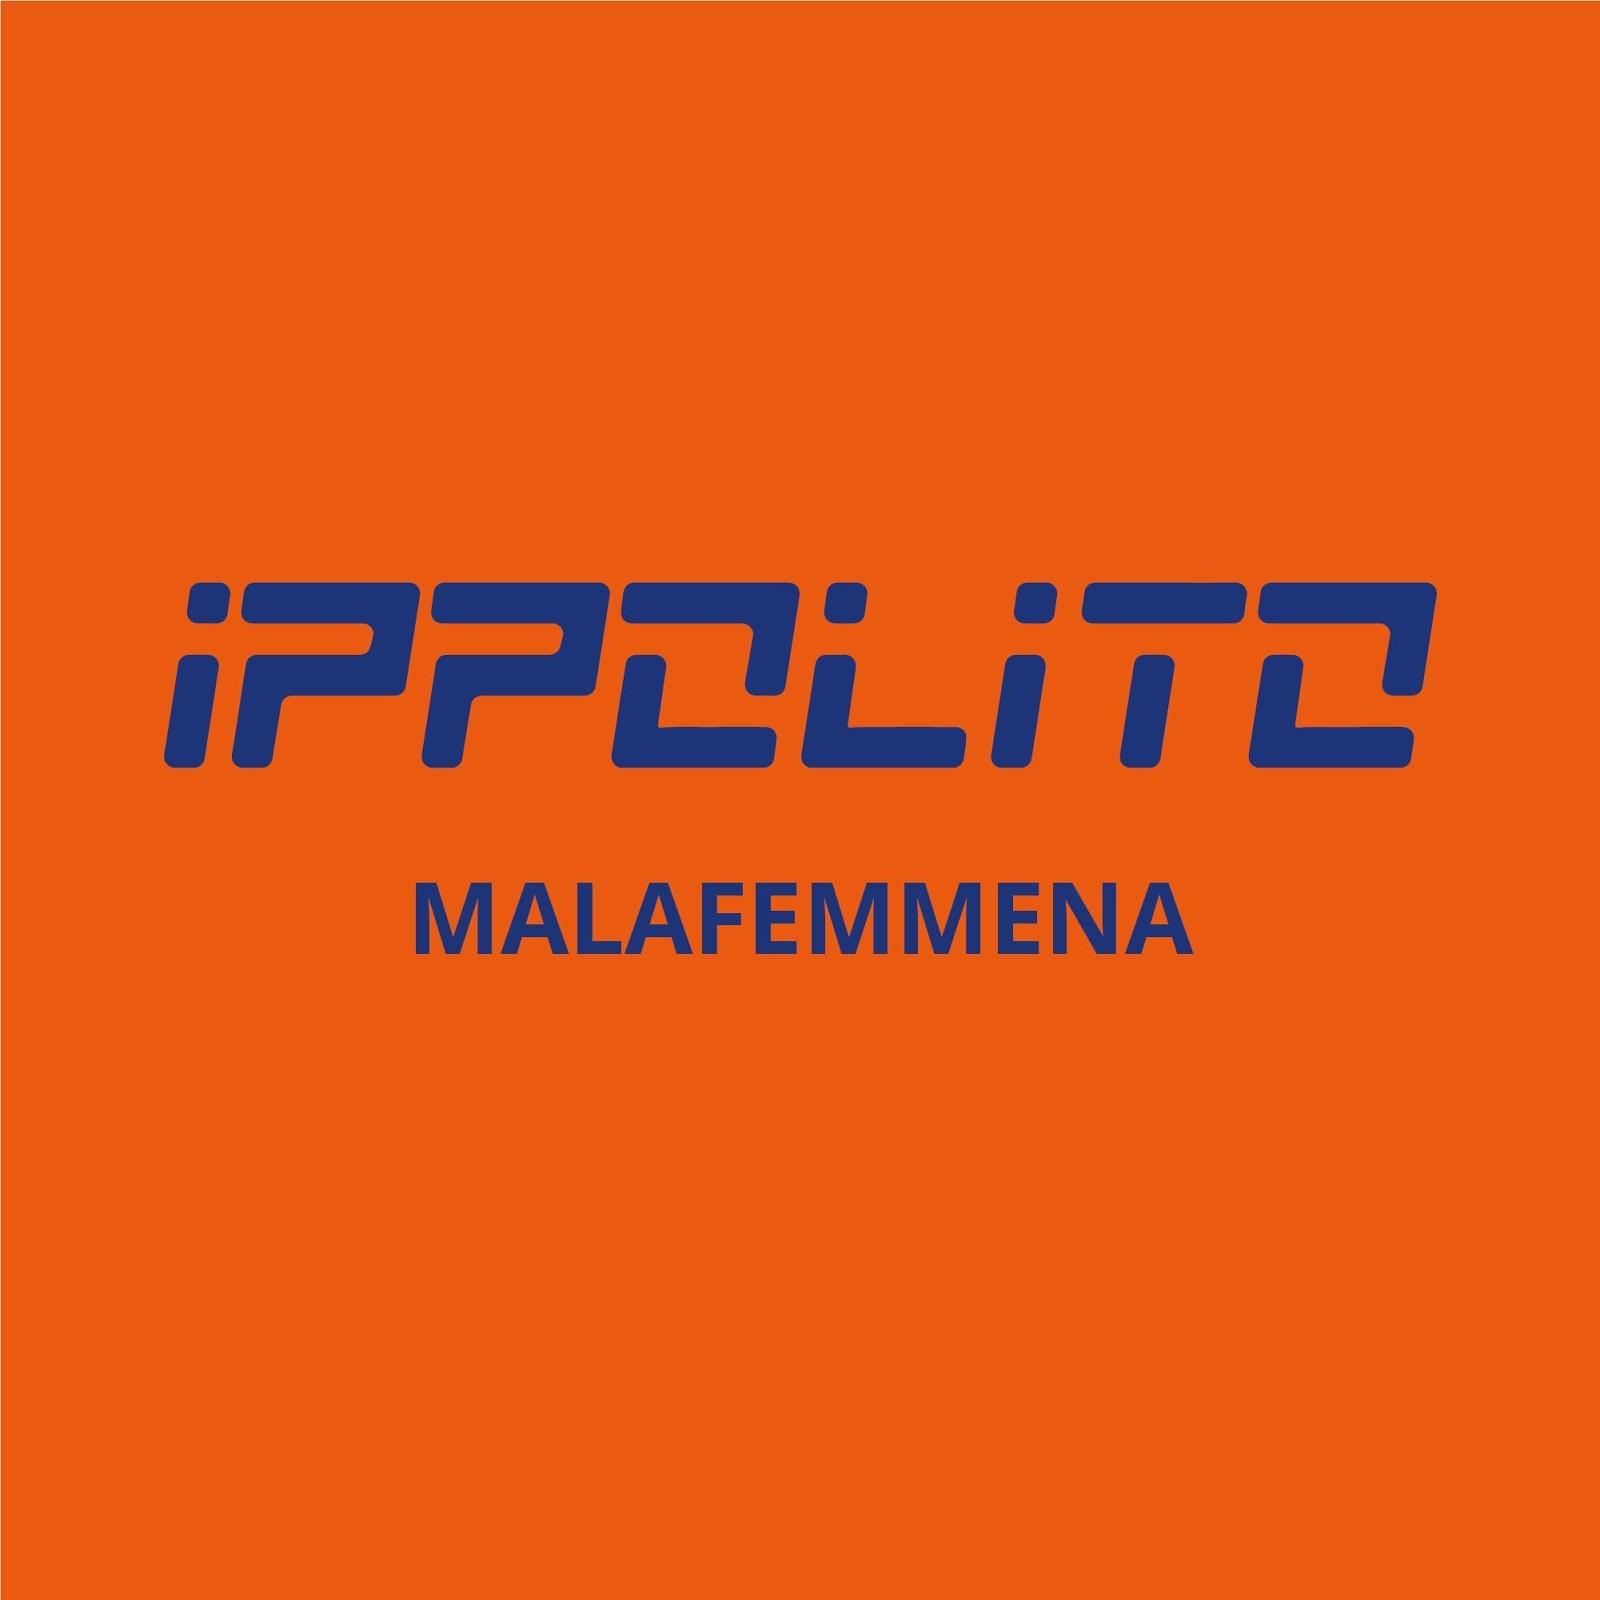 """IPPOLITO, """"Malafemmena"""" una nuova interpretazione dal disco """"Piano pop"""" che omaggia i grandi classici della musica leggera italiana"""